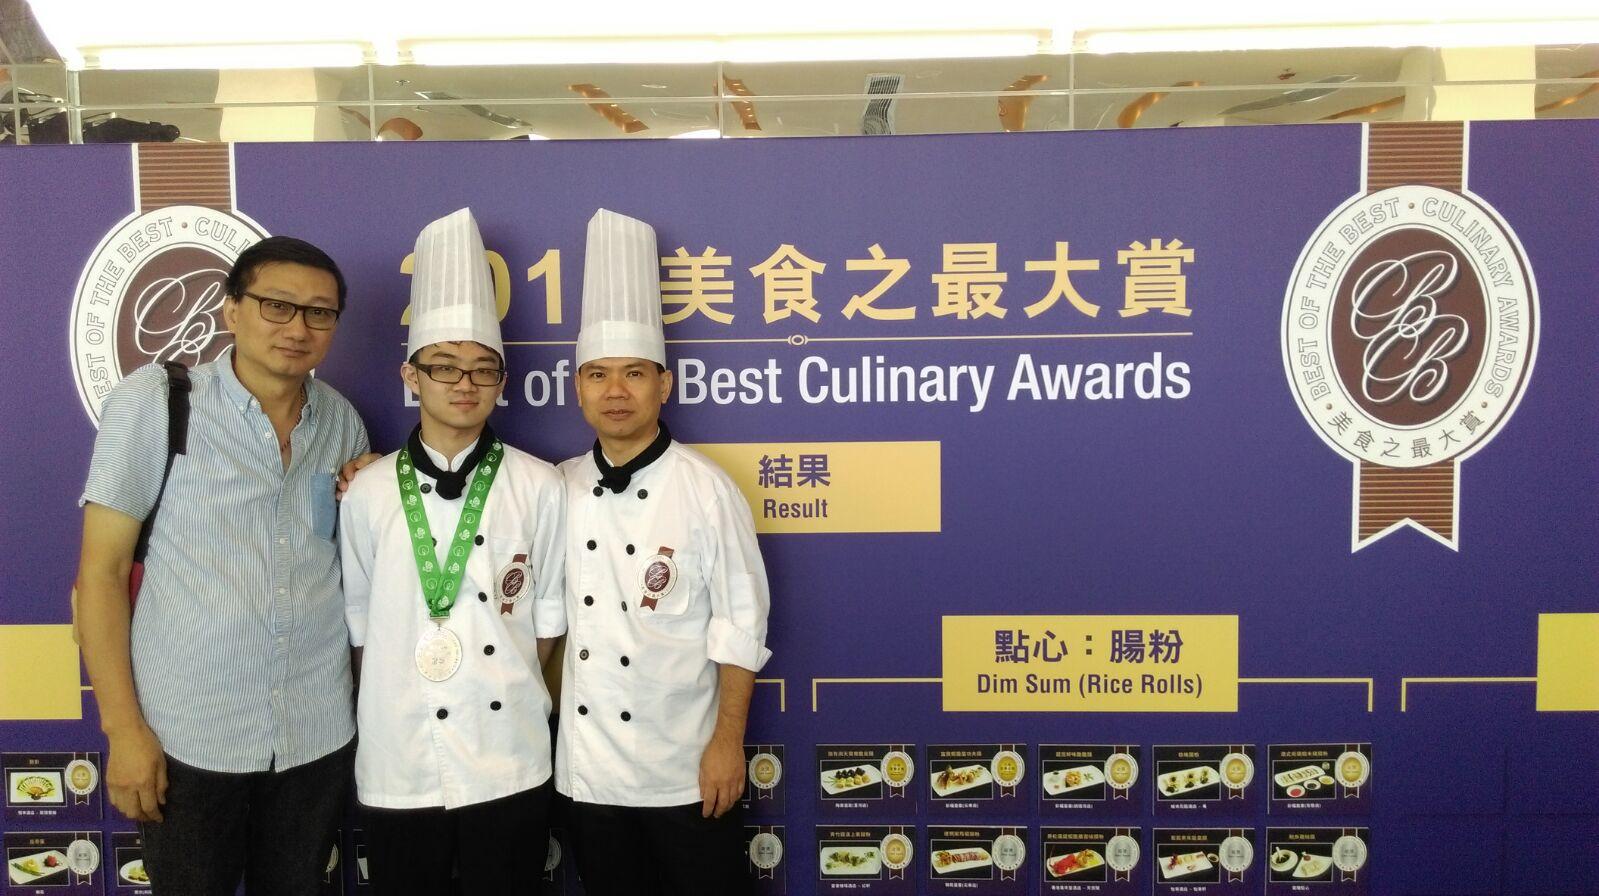 阿佳與同事代表公司在「2016 美食之最大賞」「點心:腸粉」組別勇奪銀獎。